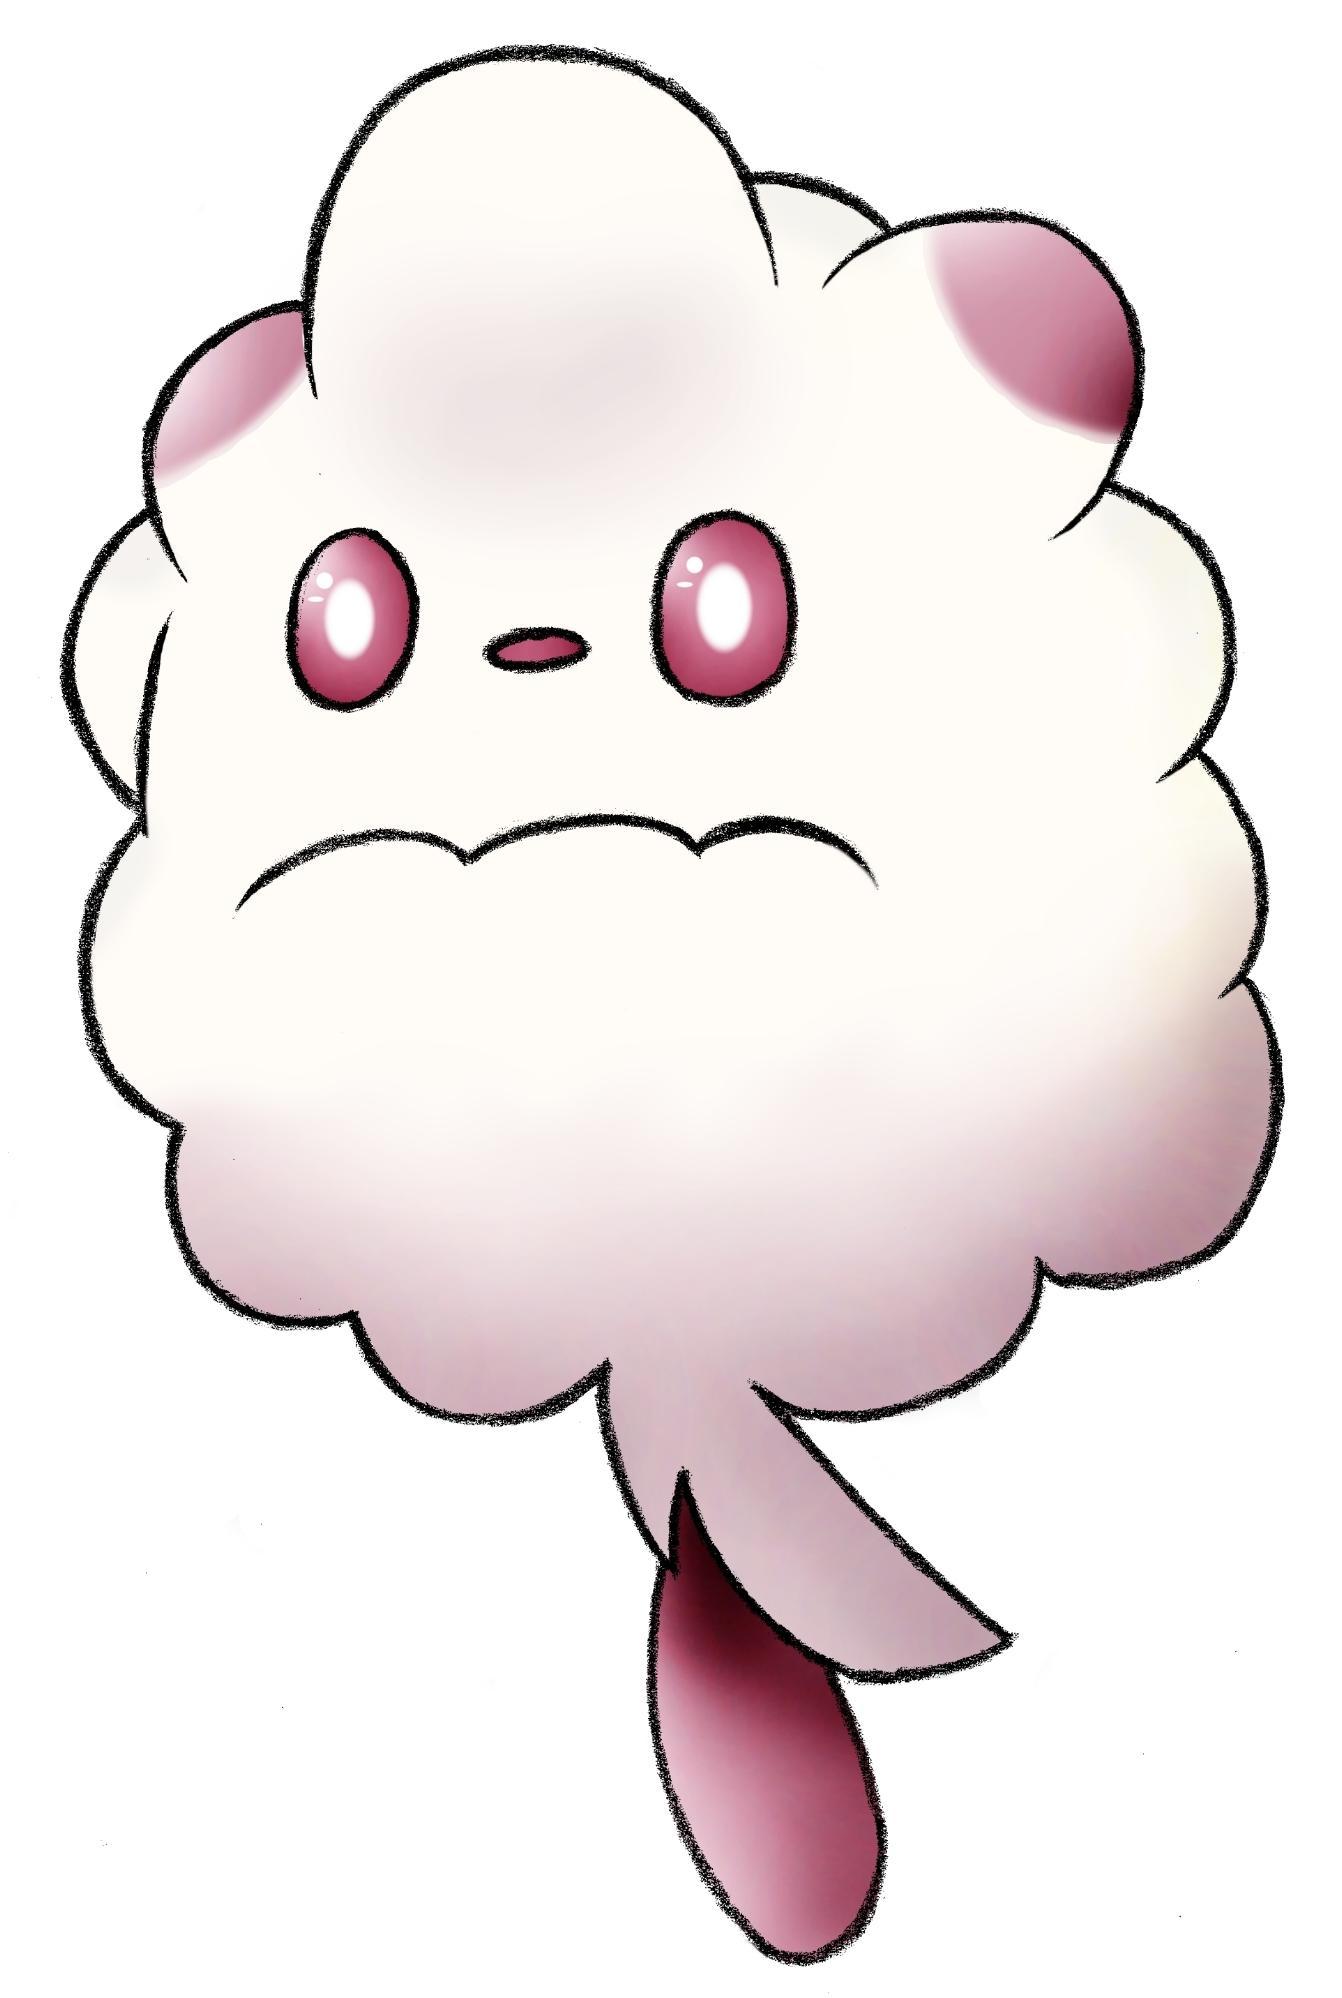 Pokémon-Zeichnung: Sad Flauschling is sad.